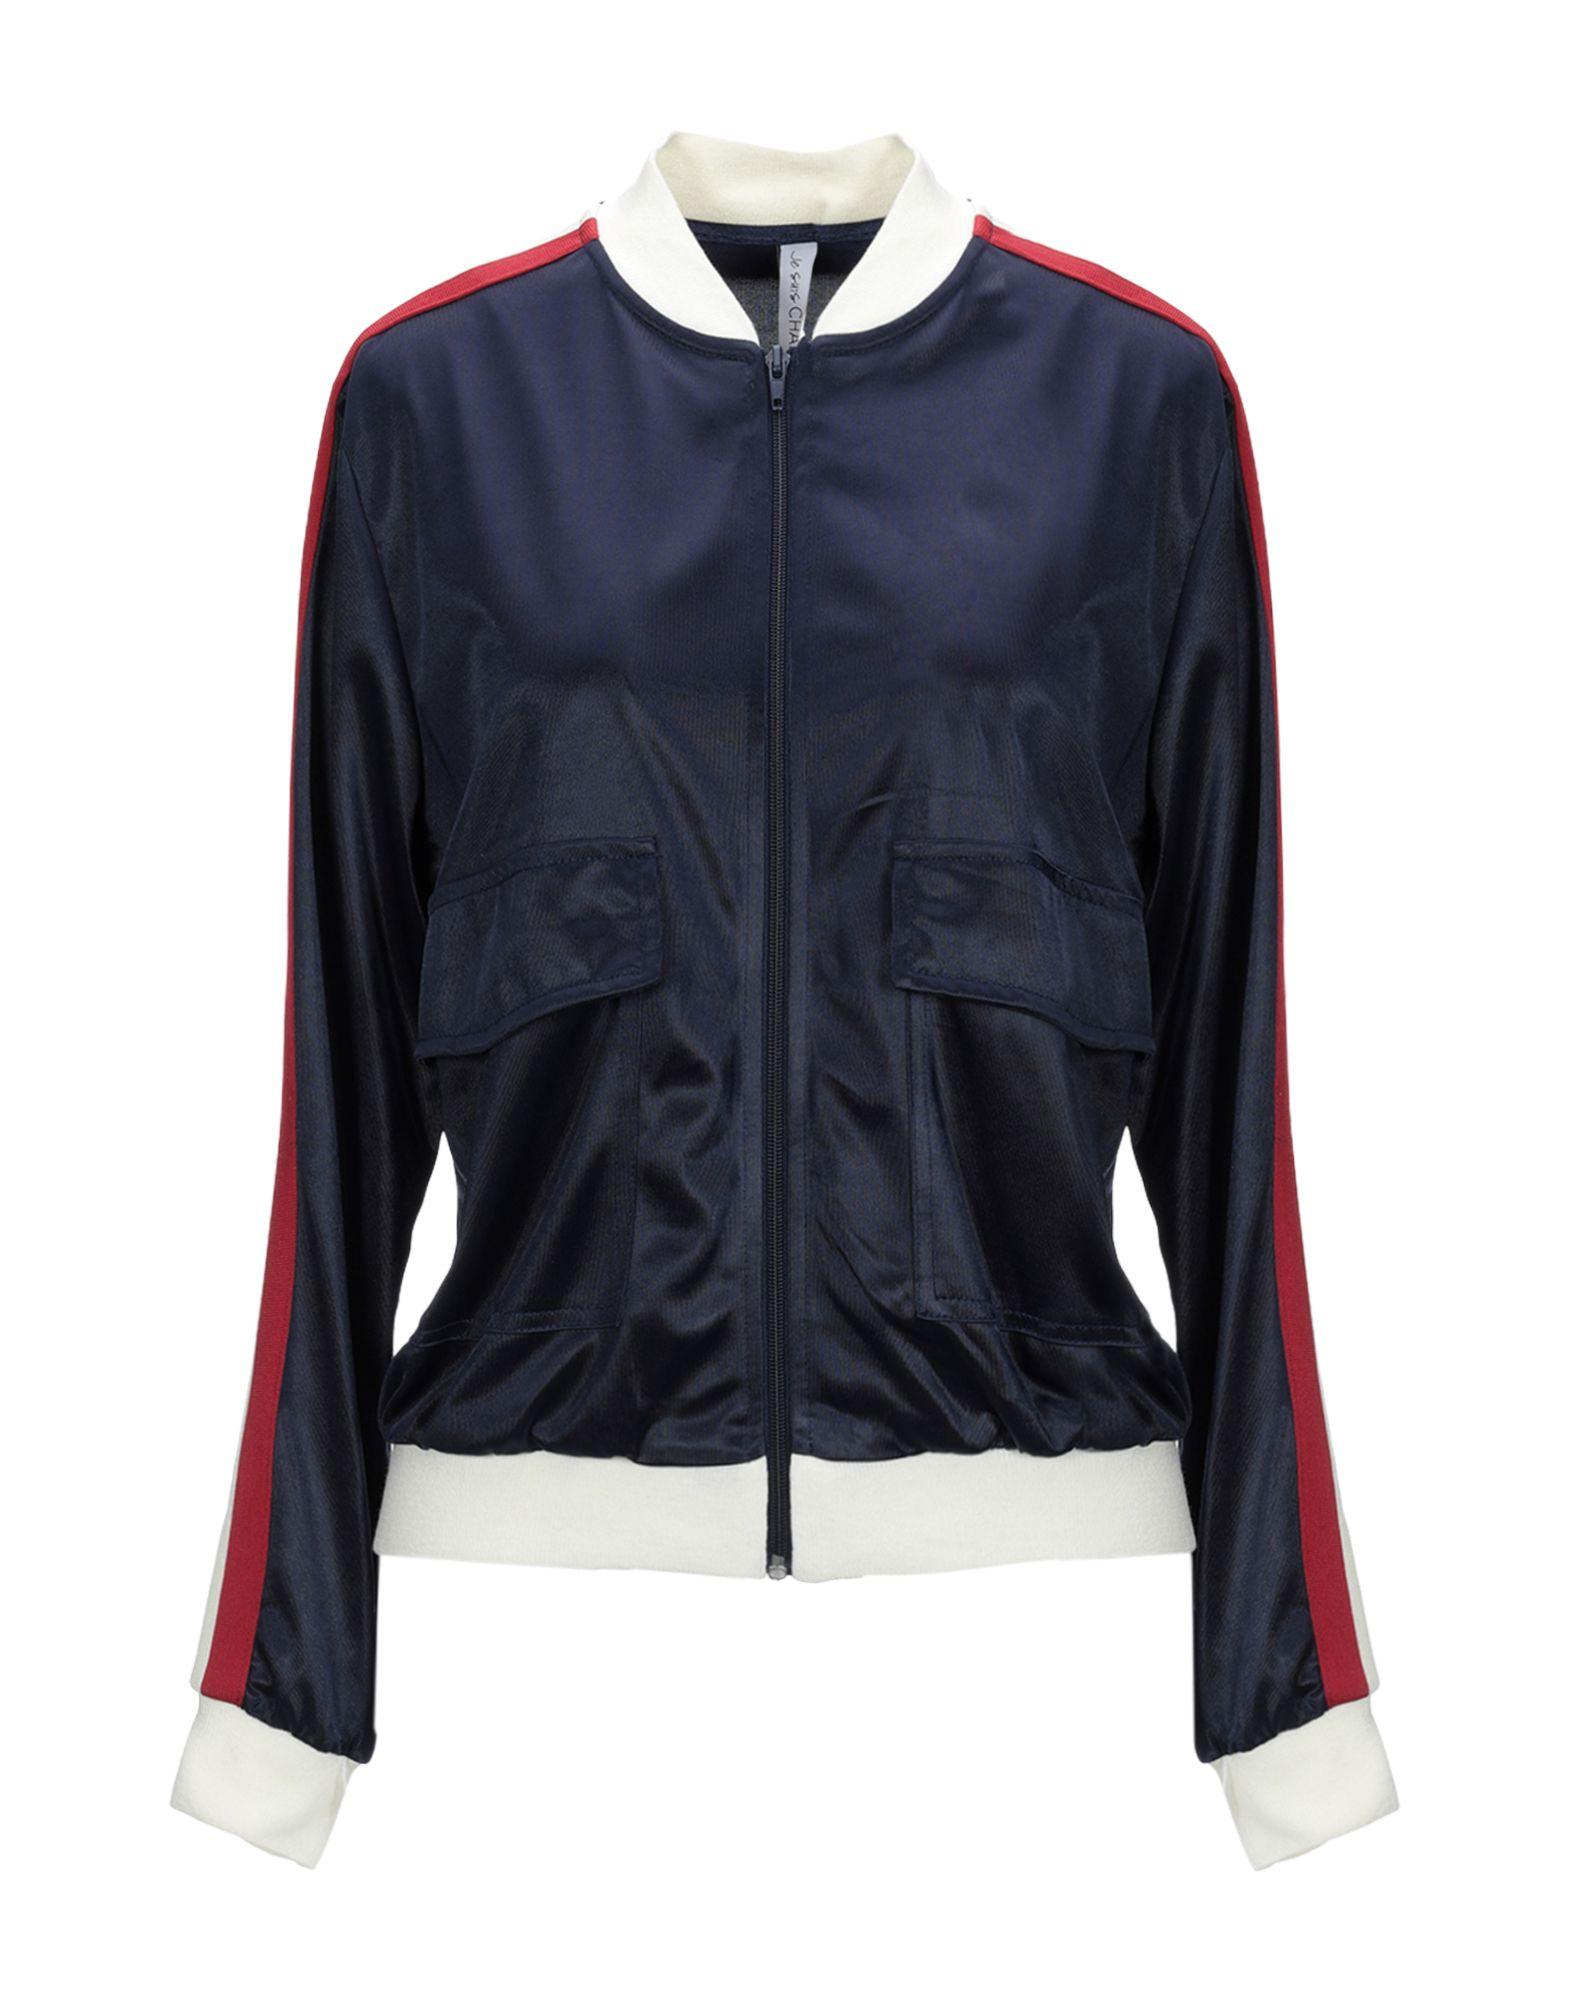 《送料無料》JE SUIS CHAPEAU レディース スウェットシャツ ダークブルー S ポリエステル 100%